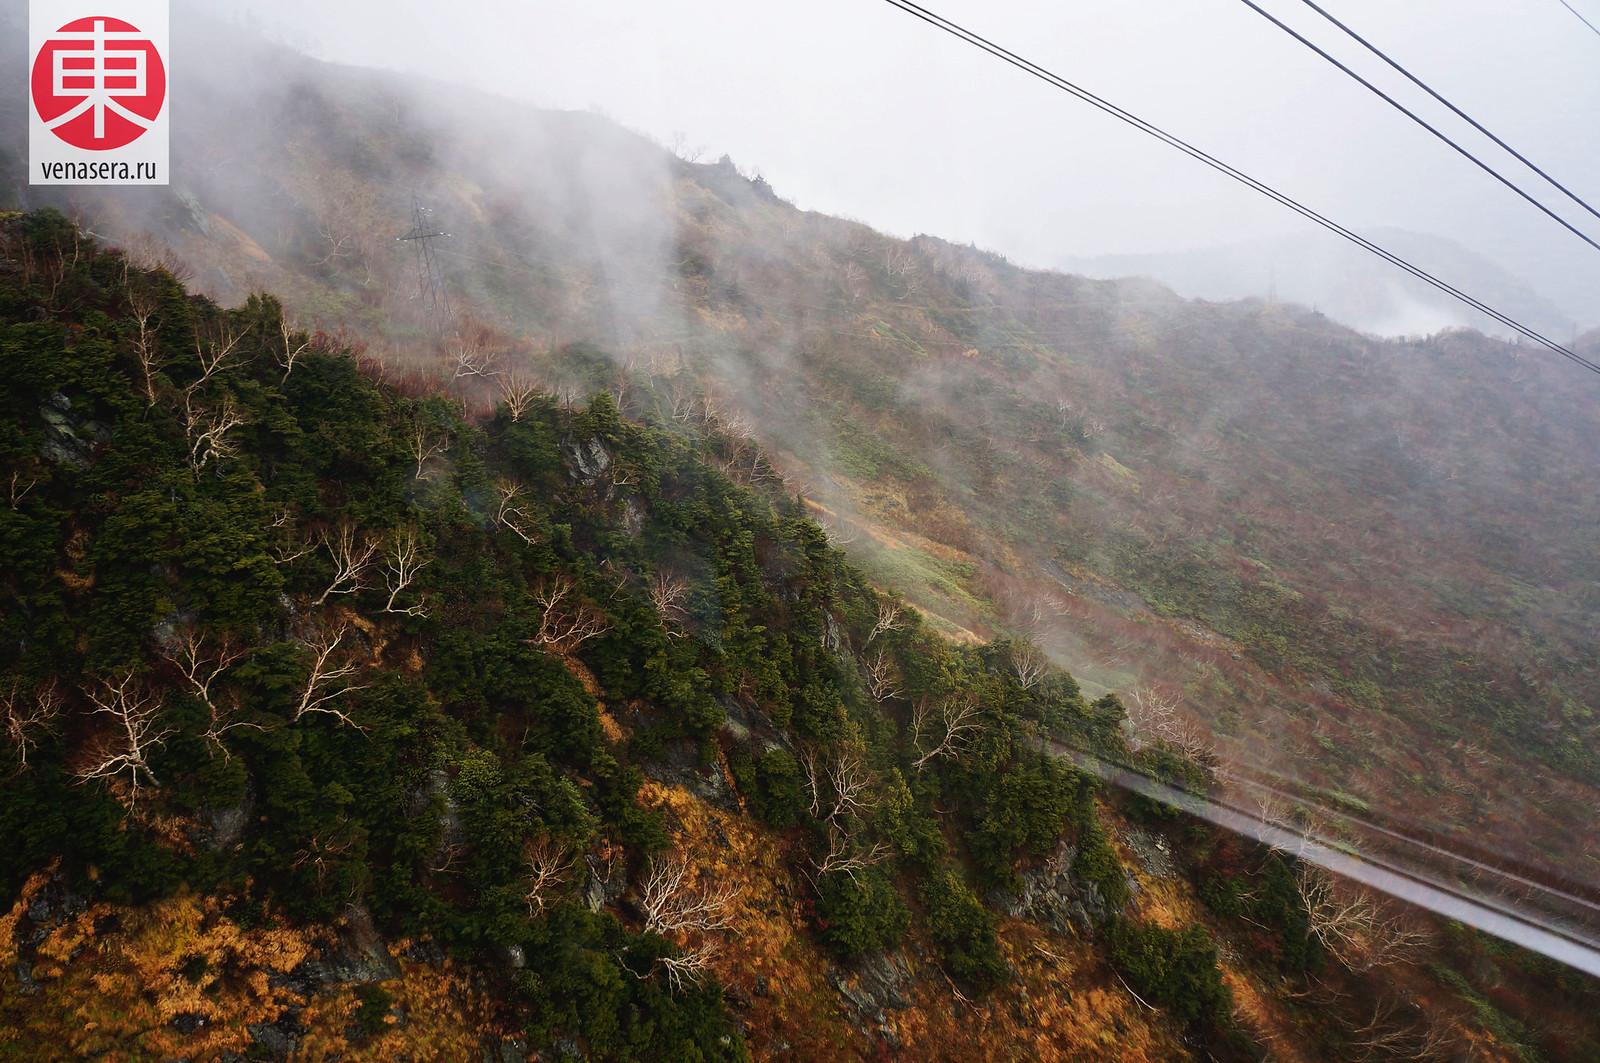 Дайканбо (大観峰), Японские Альпы Татэяма Куробэ, Татэяма Куробэ, Tateyama Kurobe Alpine Route, 立山黒部, 立山黒部アルペンルート